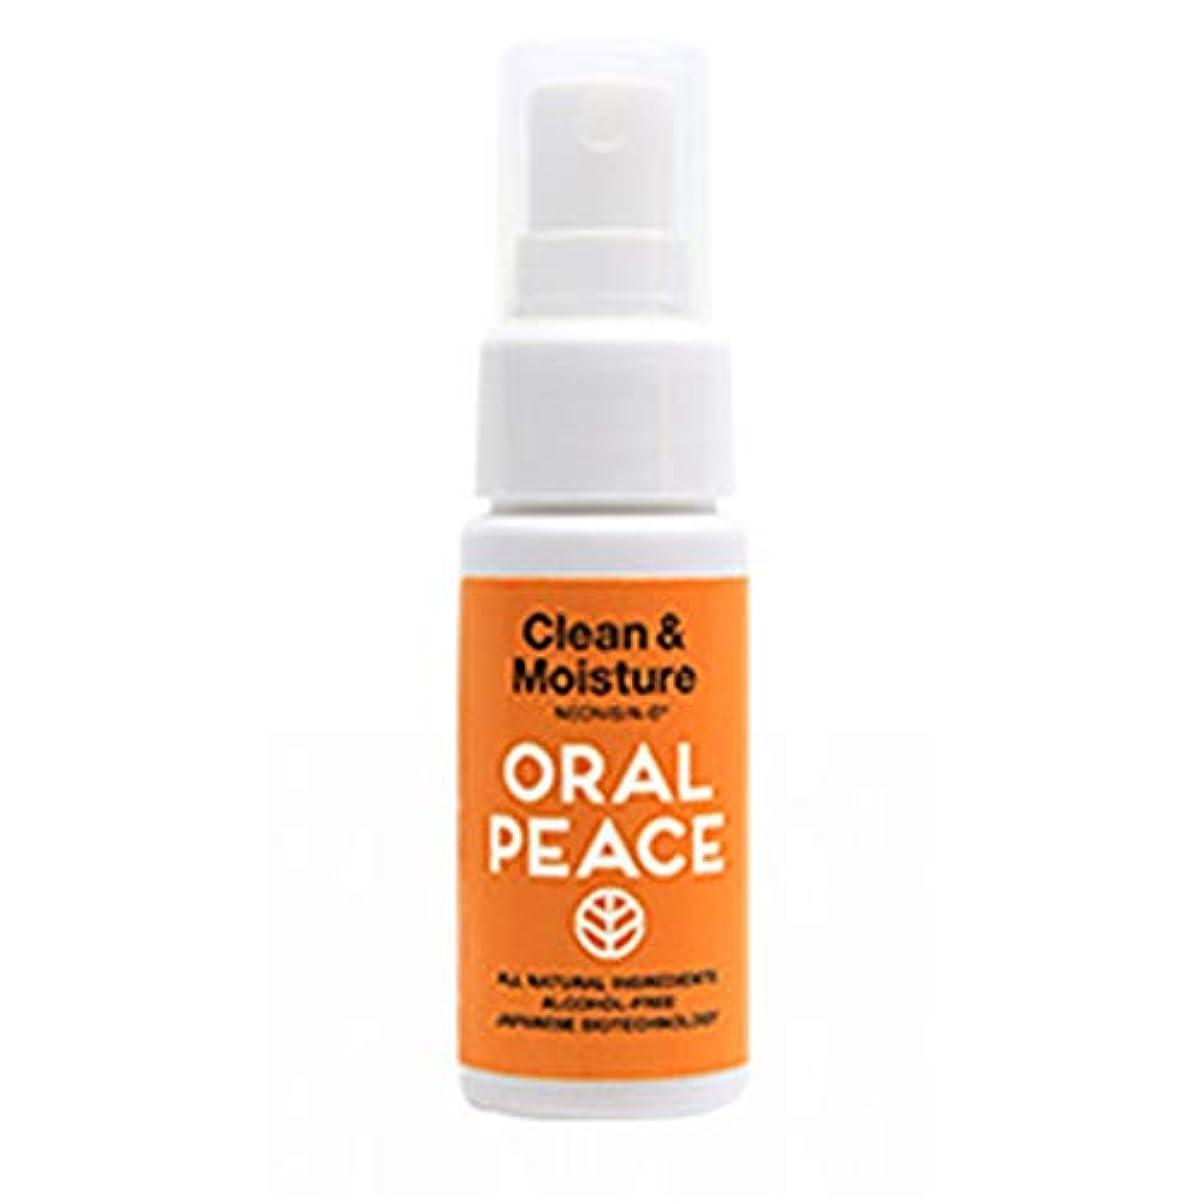 絶滅謝罪減衰ORALPEACE オーラルピース クリーン&モイスチュアスプレー 30ml サンシャインオレンジ